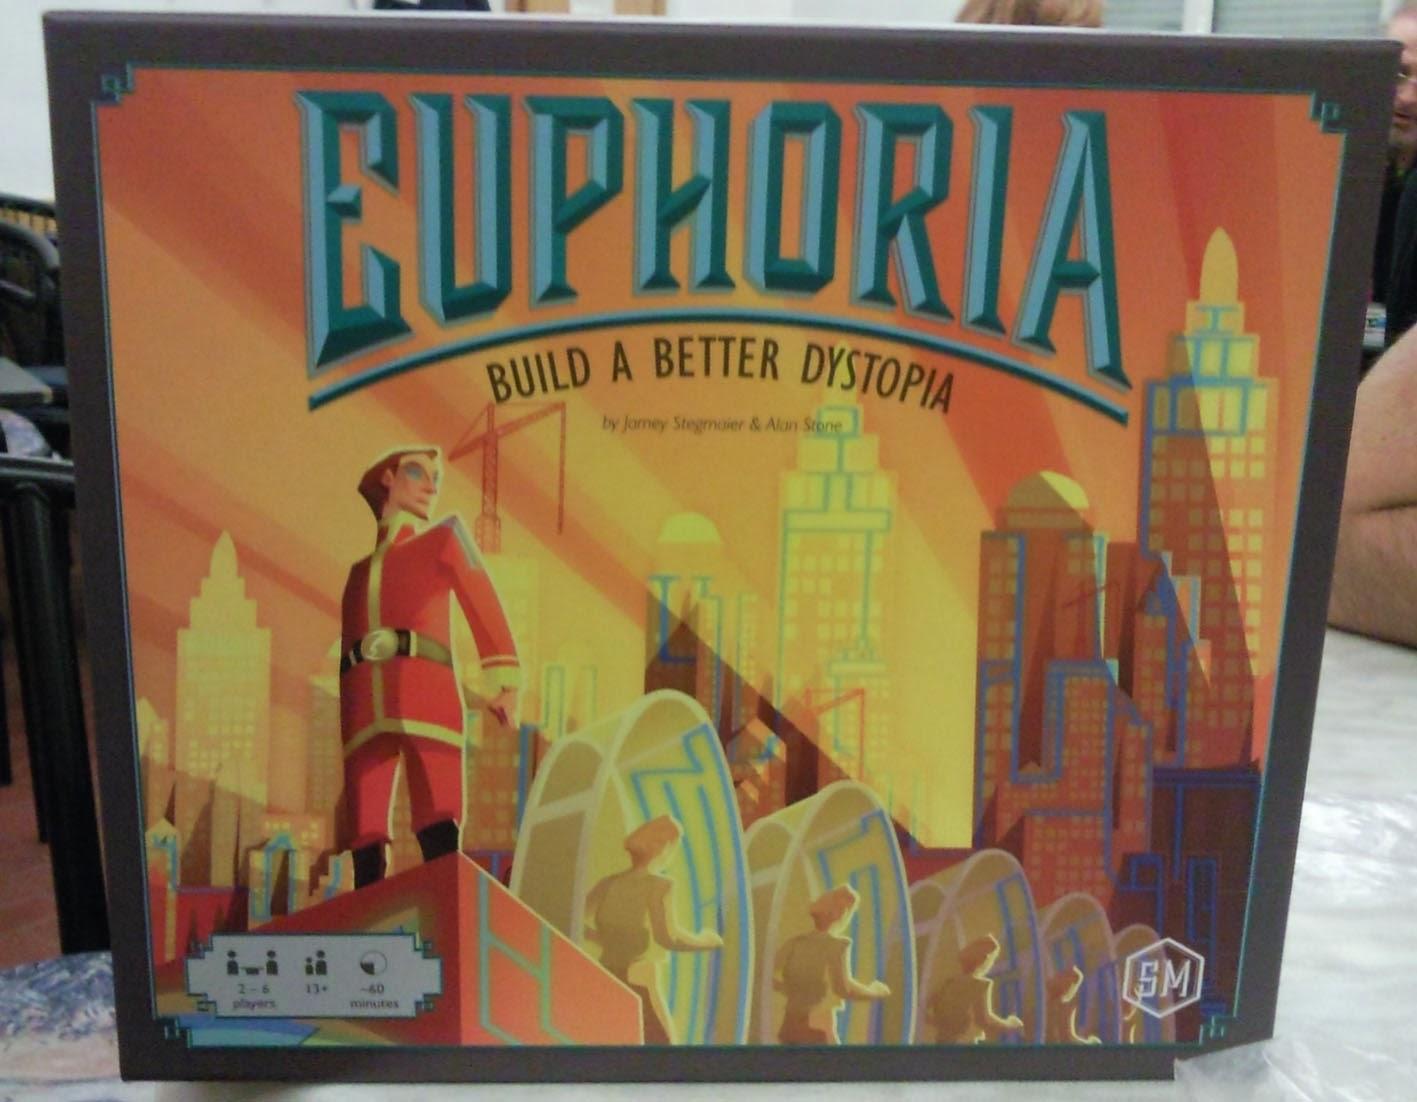 Giochi sul nostro tavolo: Euphoria: Build a Better Dystopia ...